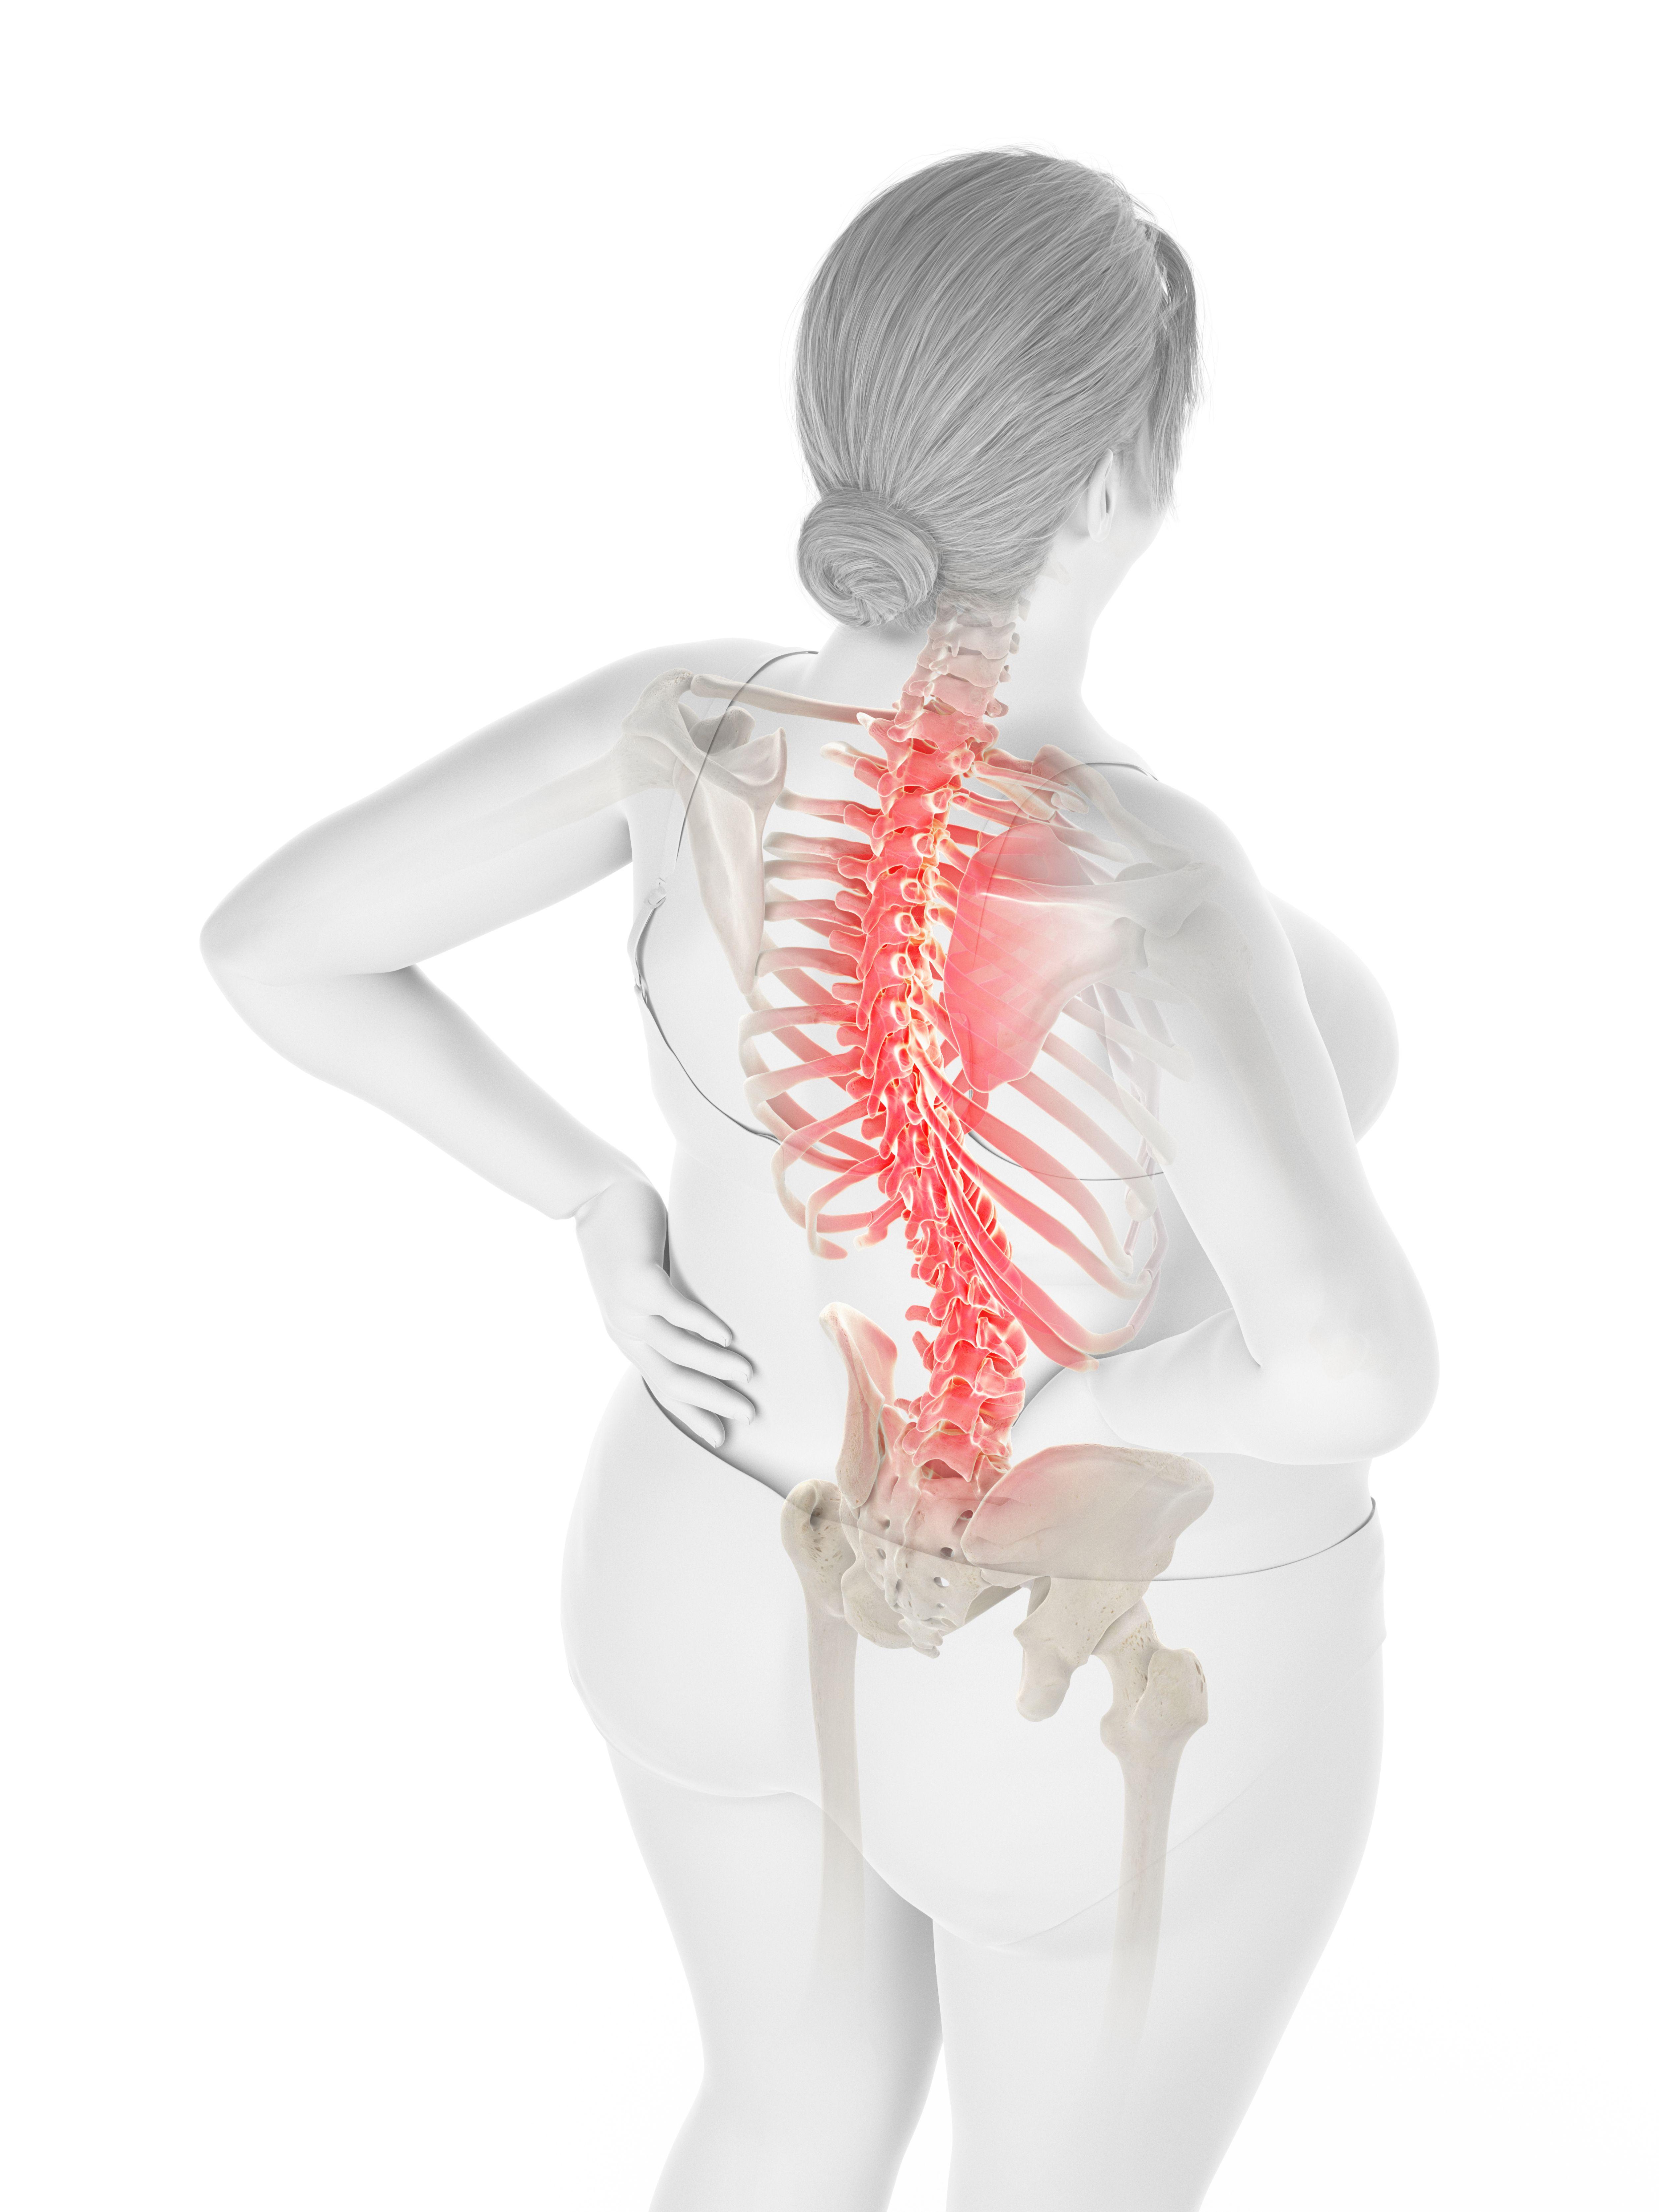 la perte de poids peut-elle causer des douleurs à la hanche